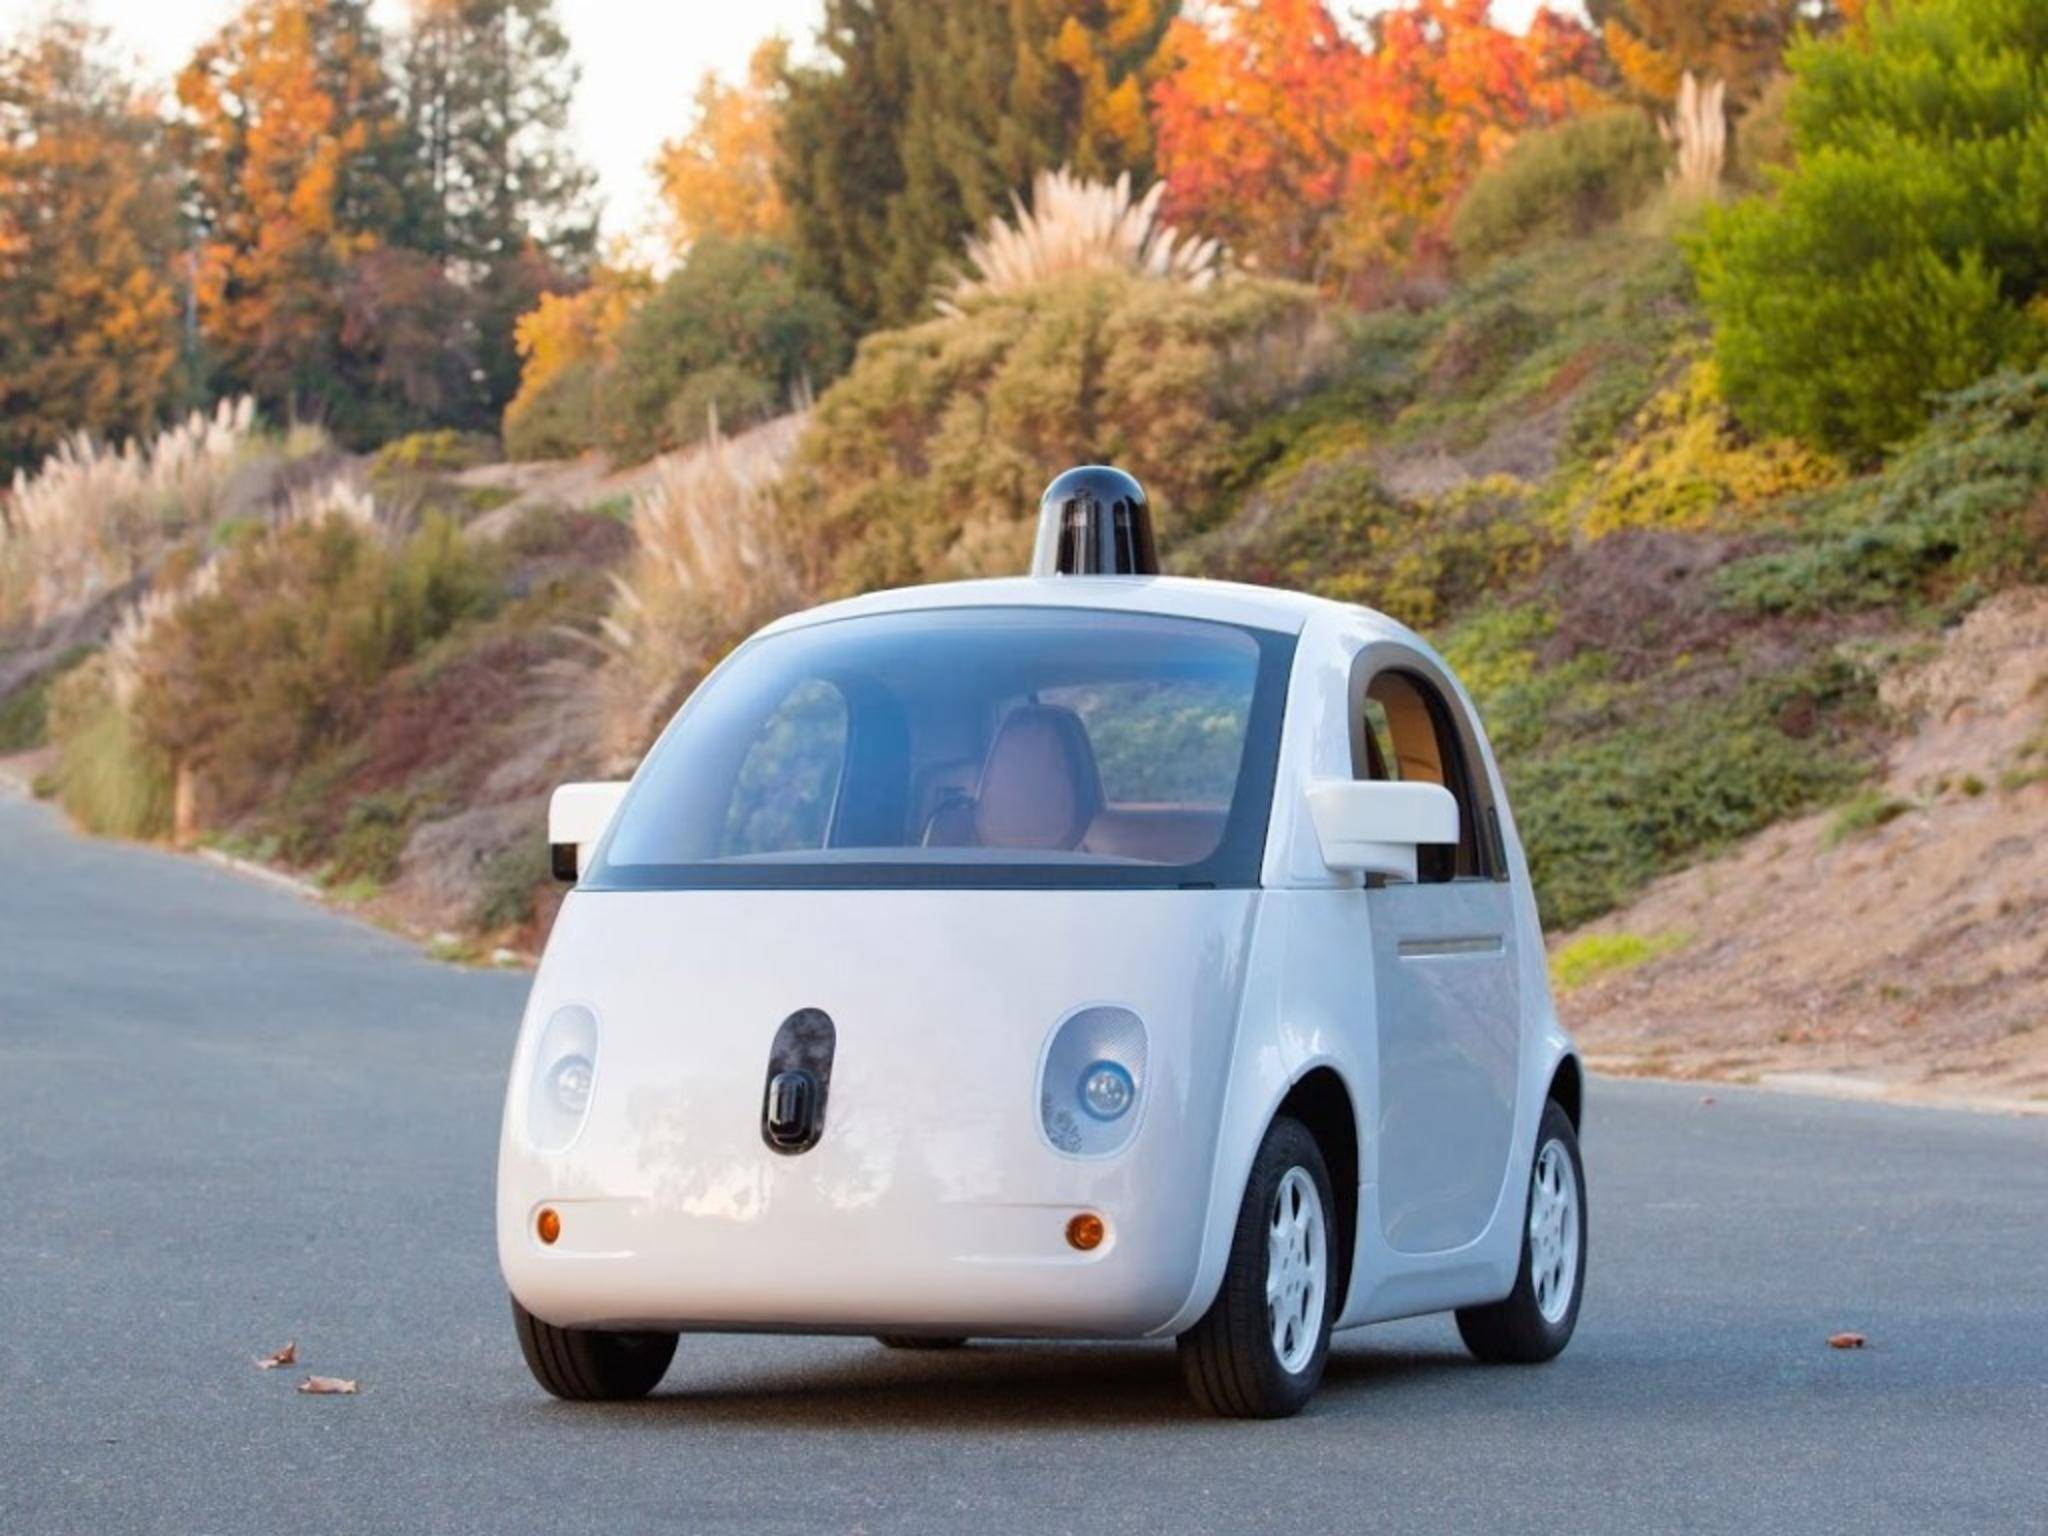 Das Aus für das selbstfahrende Auto von Google könnte noch in dieser Woche verkündet werden.